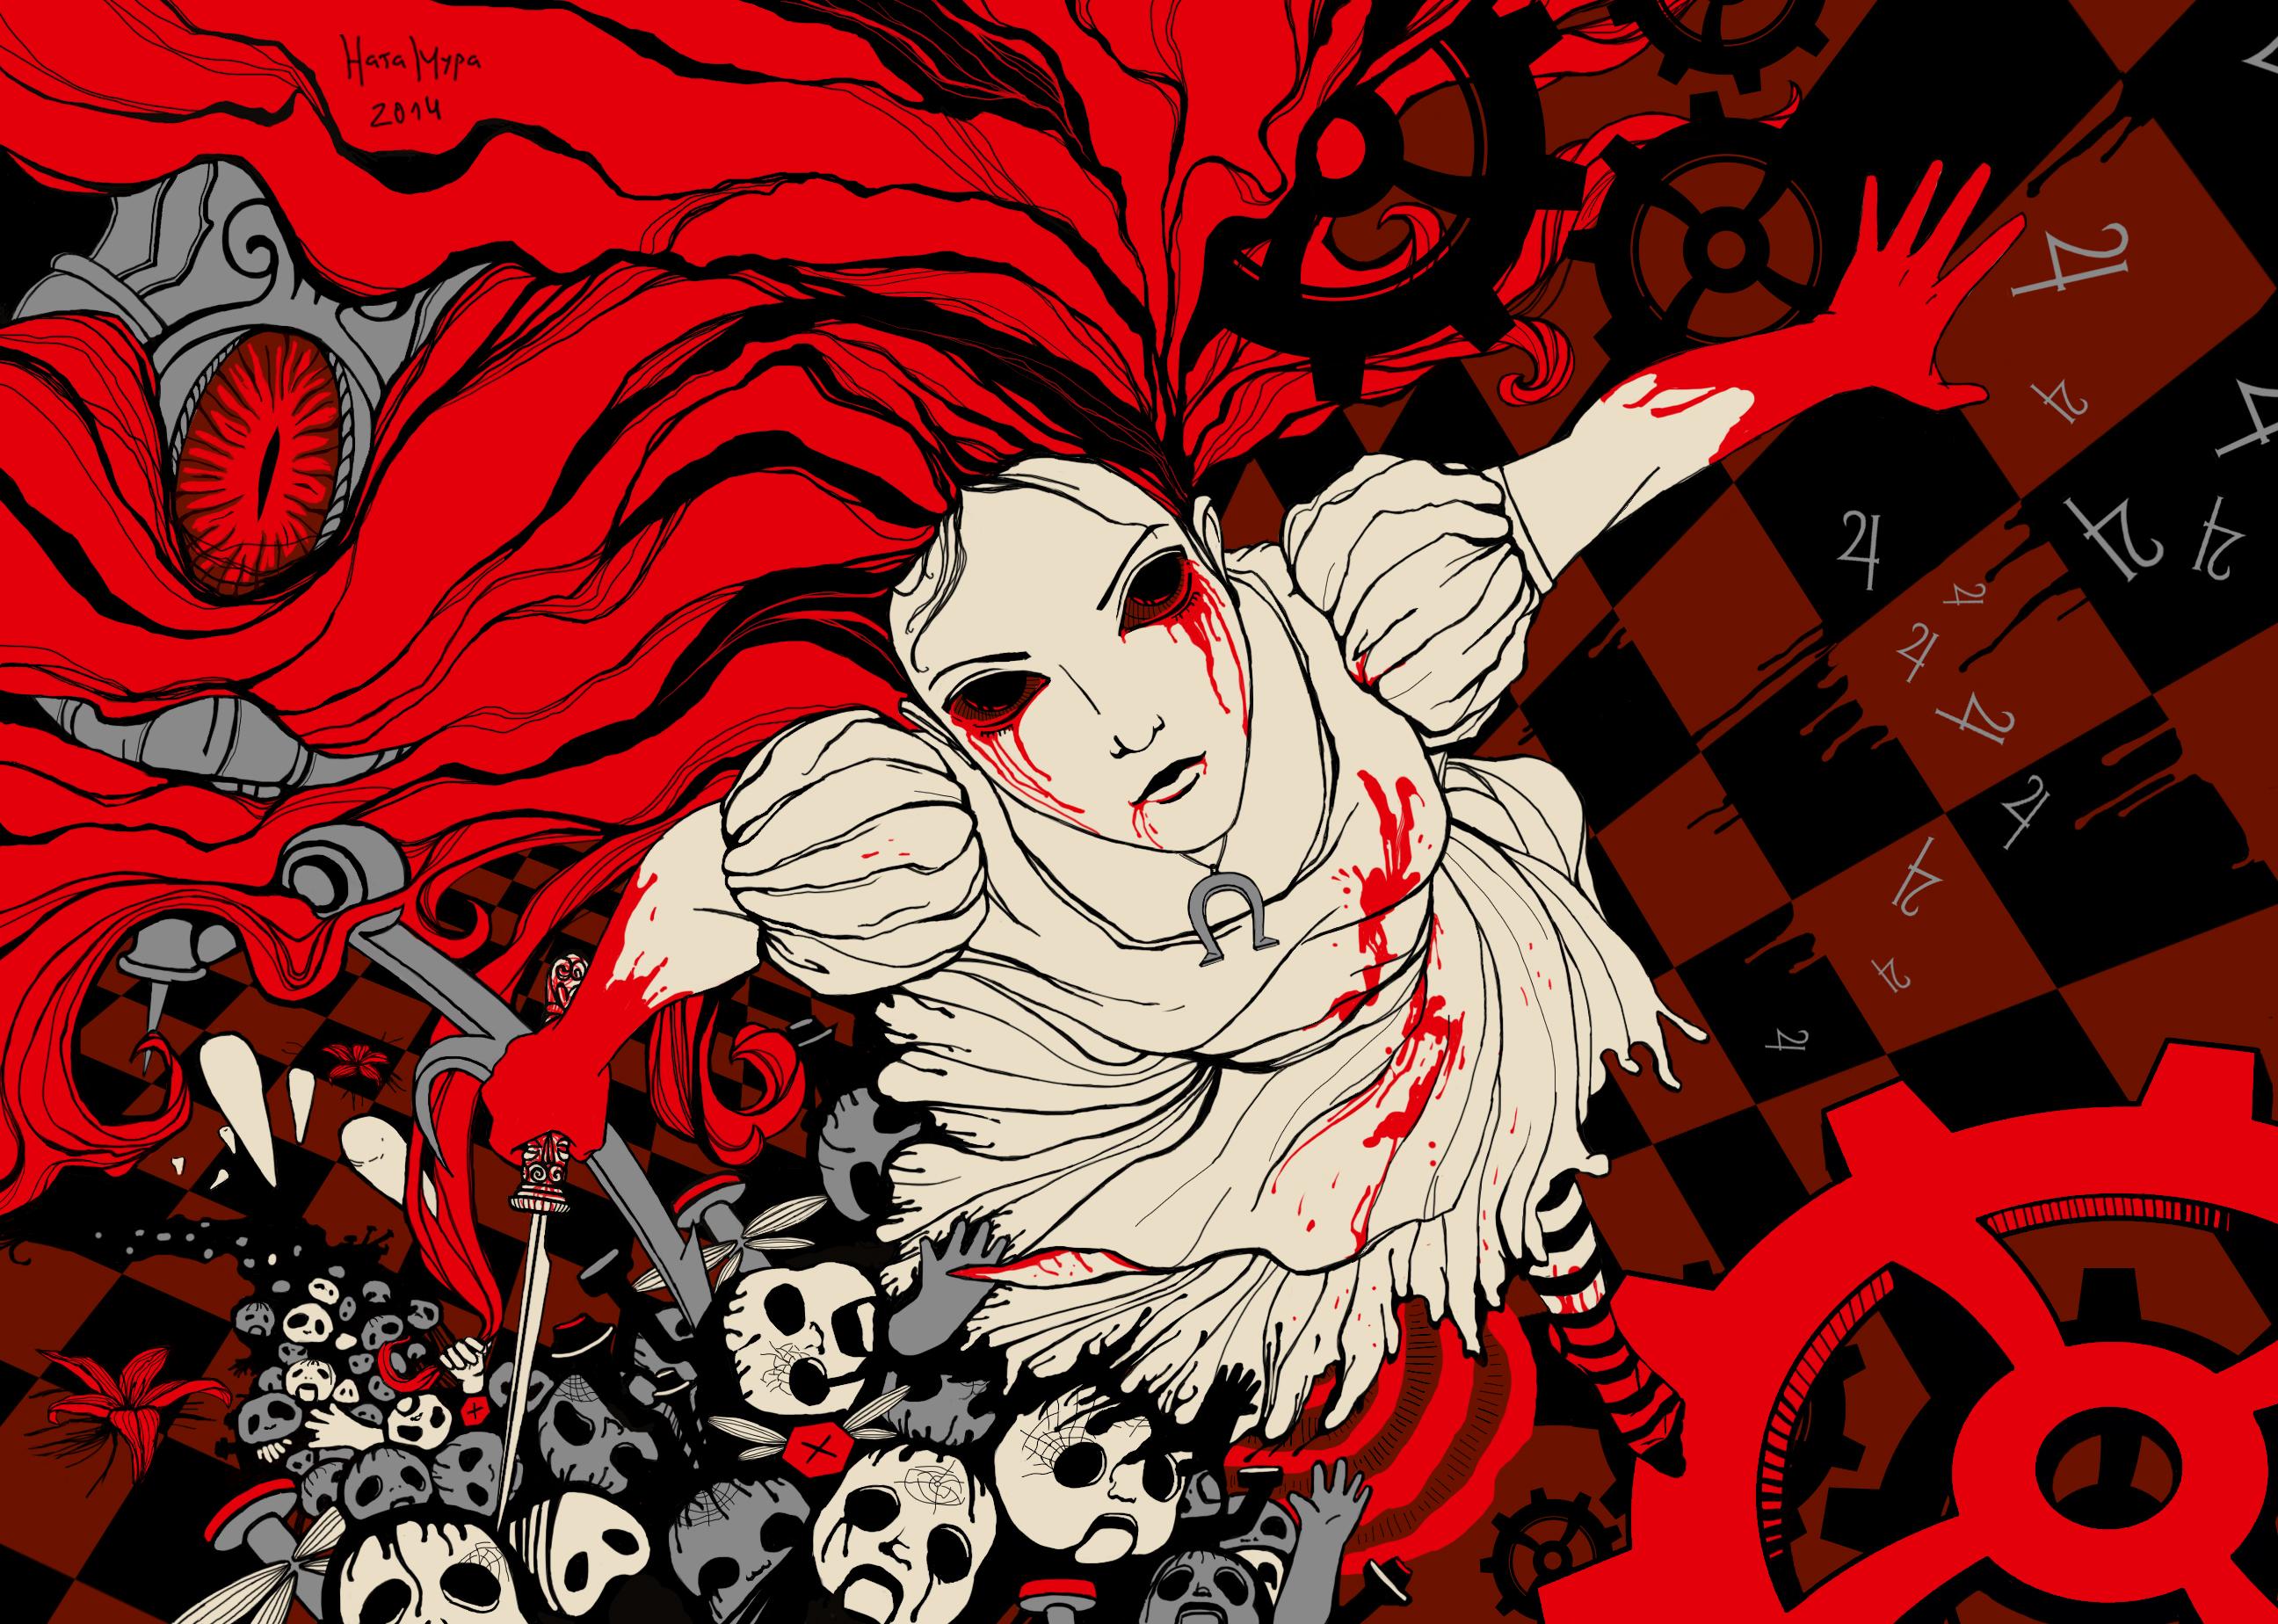 hysteria alice madness returns wallpaper - photo #20